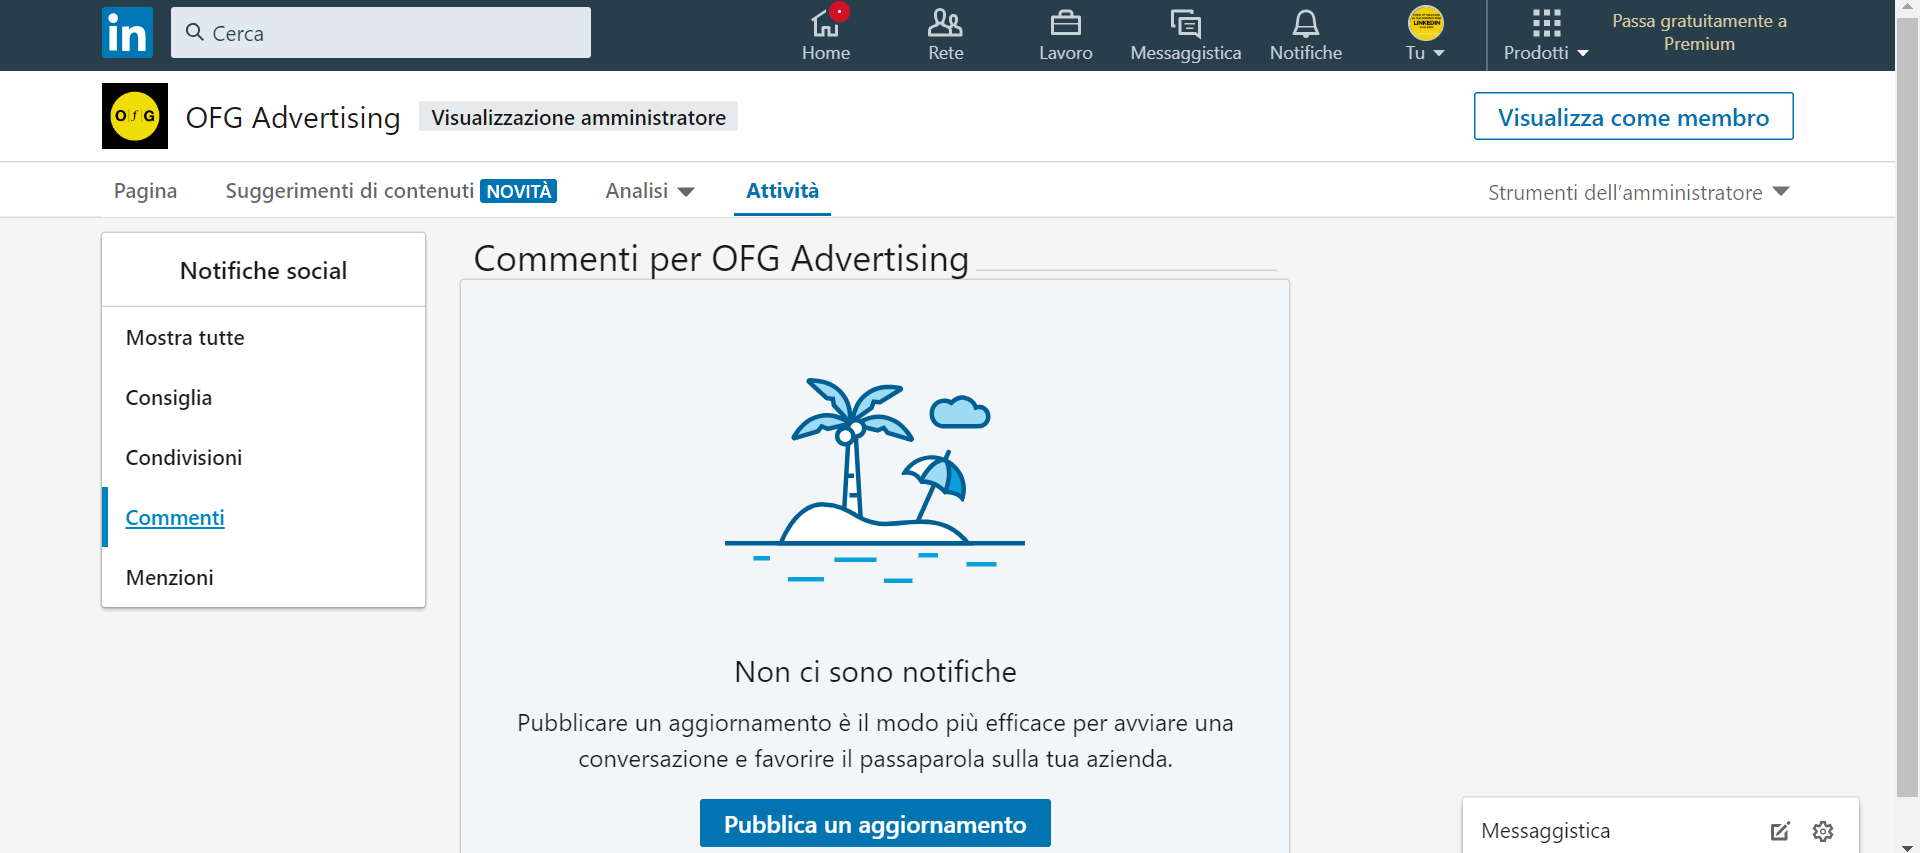 linkedin-analytics-per-marketer-breve-guida-ofg-advertising-agenzia-di-comunicazione-a-milano-3